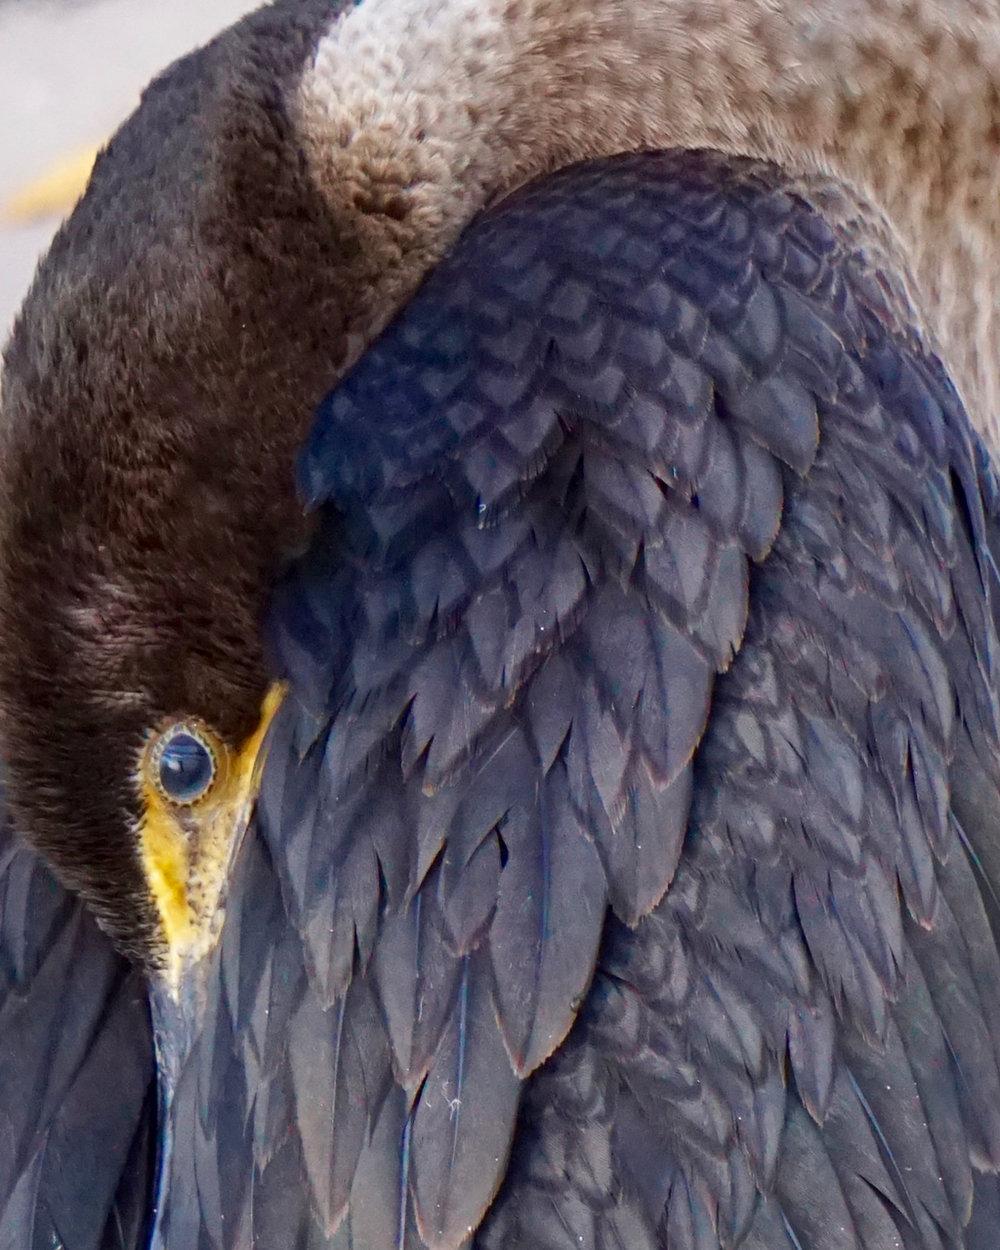 Cormorant - Ann Matousek